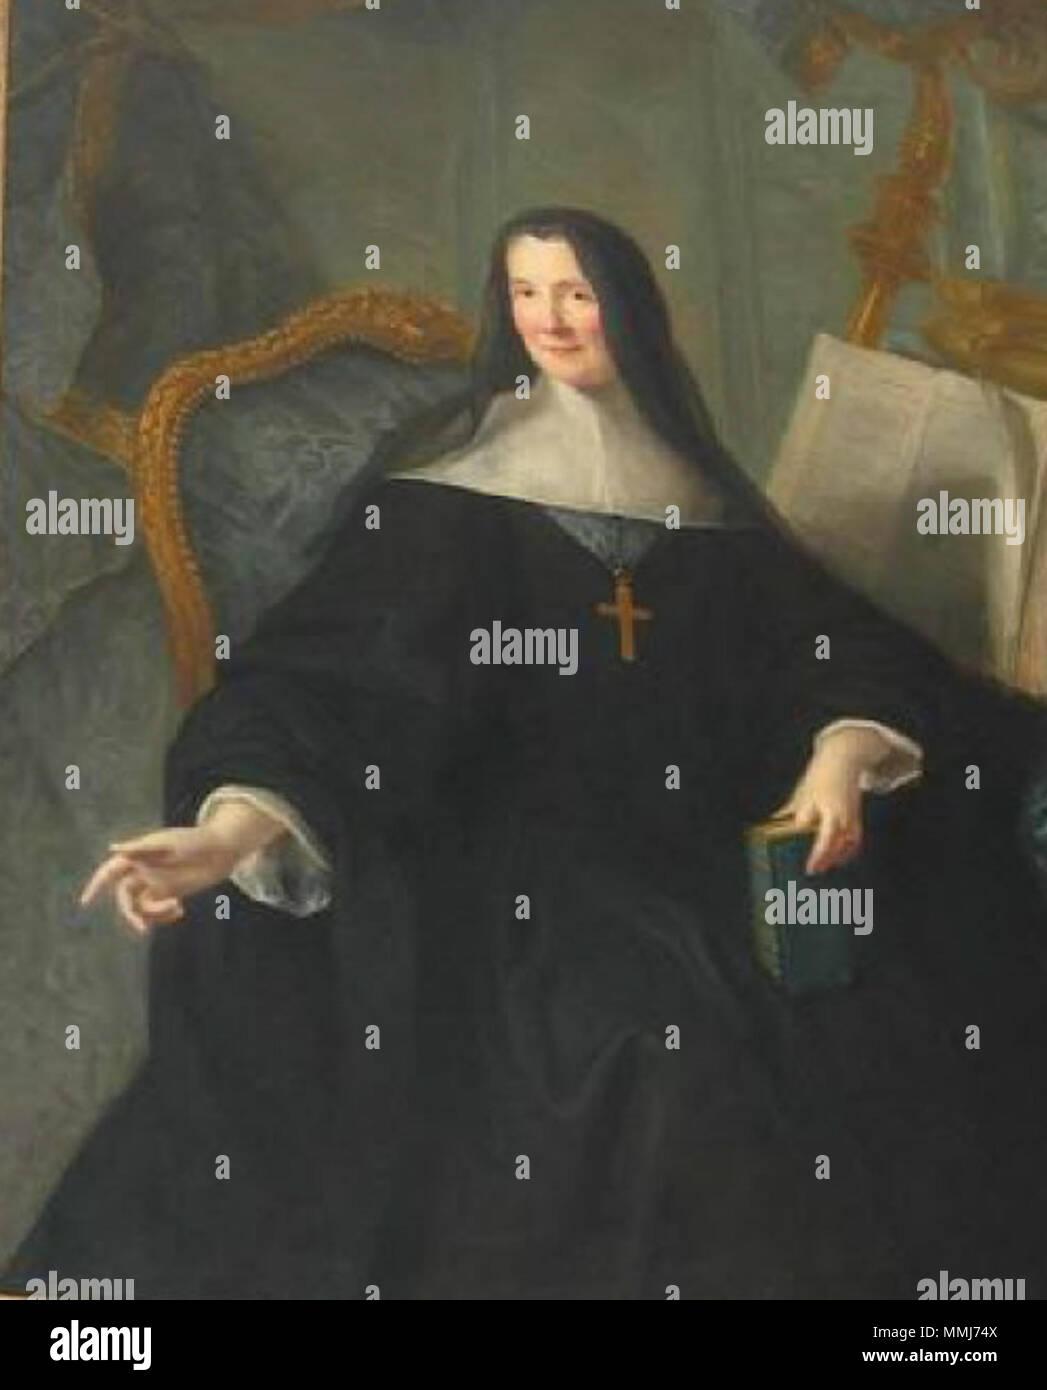 . English: Anne de Clermont-Chaste de Gessans, last abbess of Chelles Abbey  MuseumPlus 5.1.00 280 Anne de Clermont-Chaste de Gessans, last abbess of Chelles Abbey - Stock Image